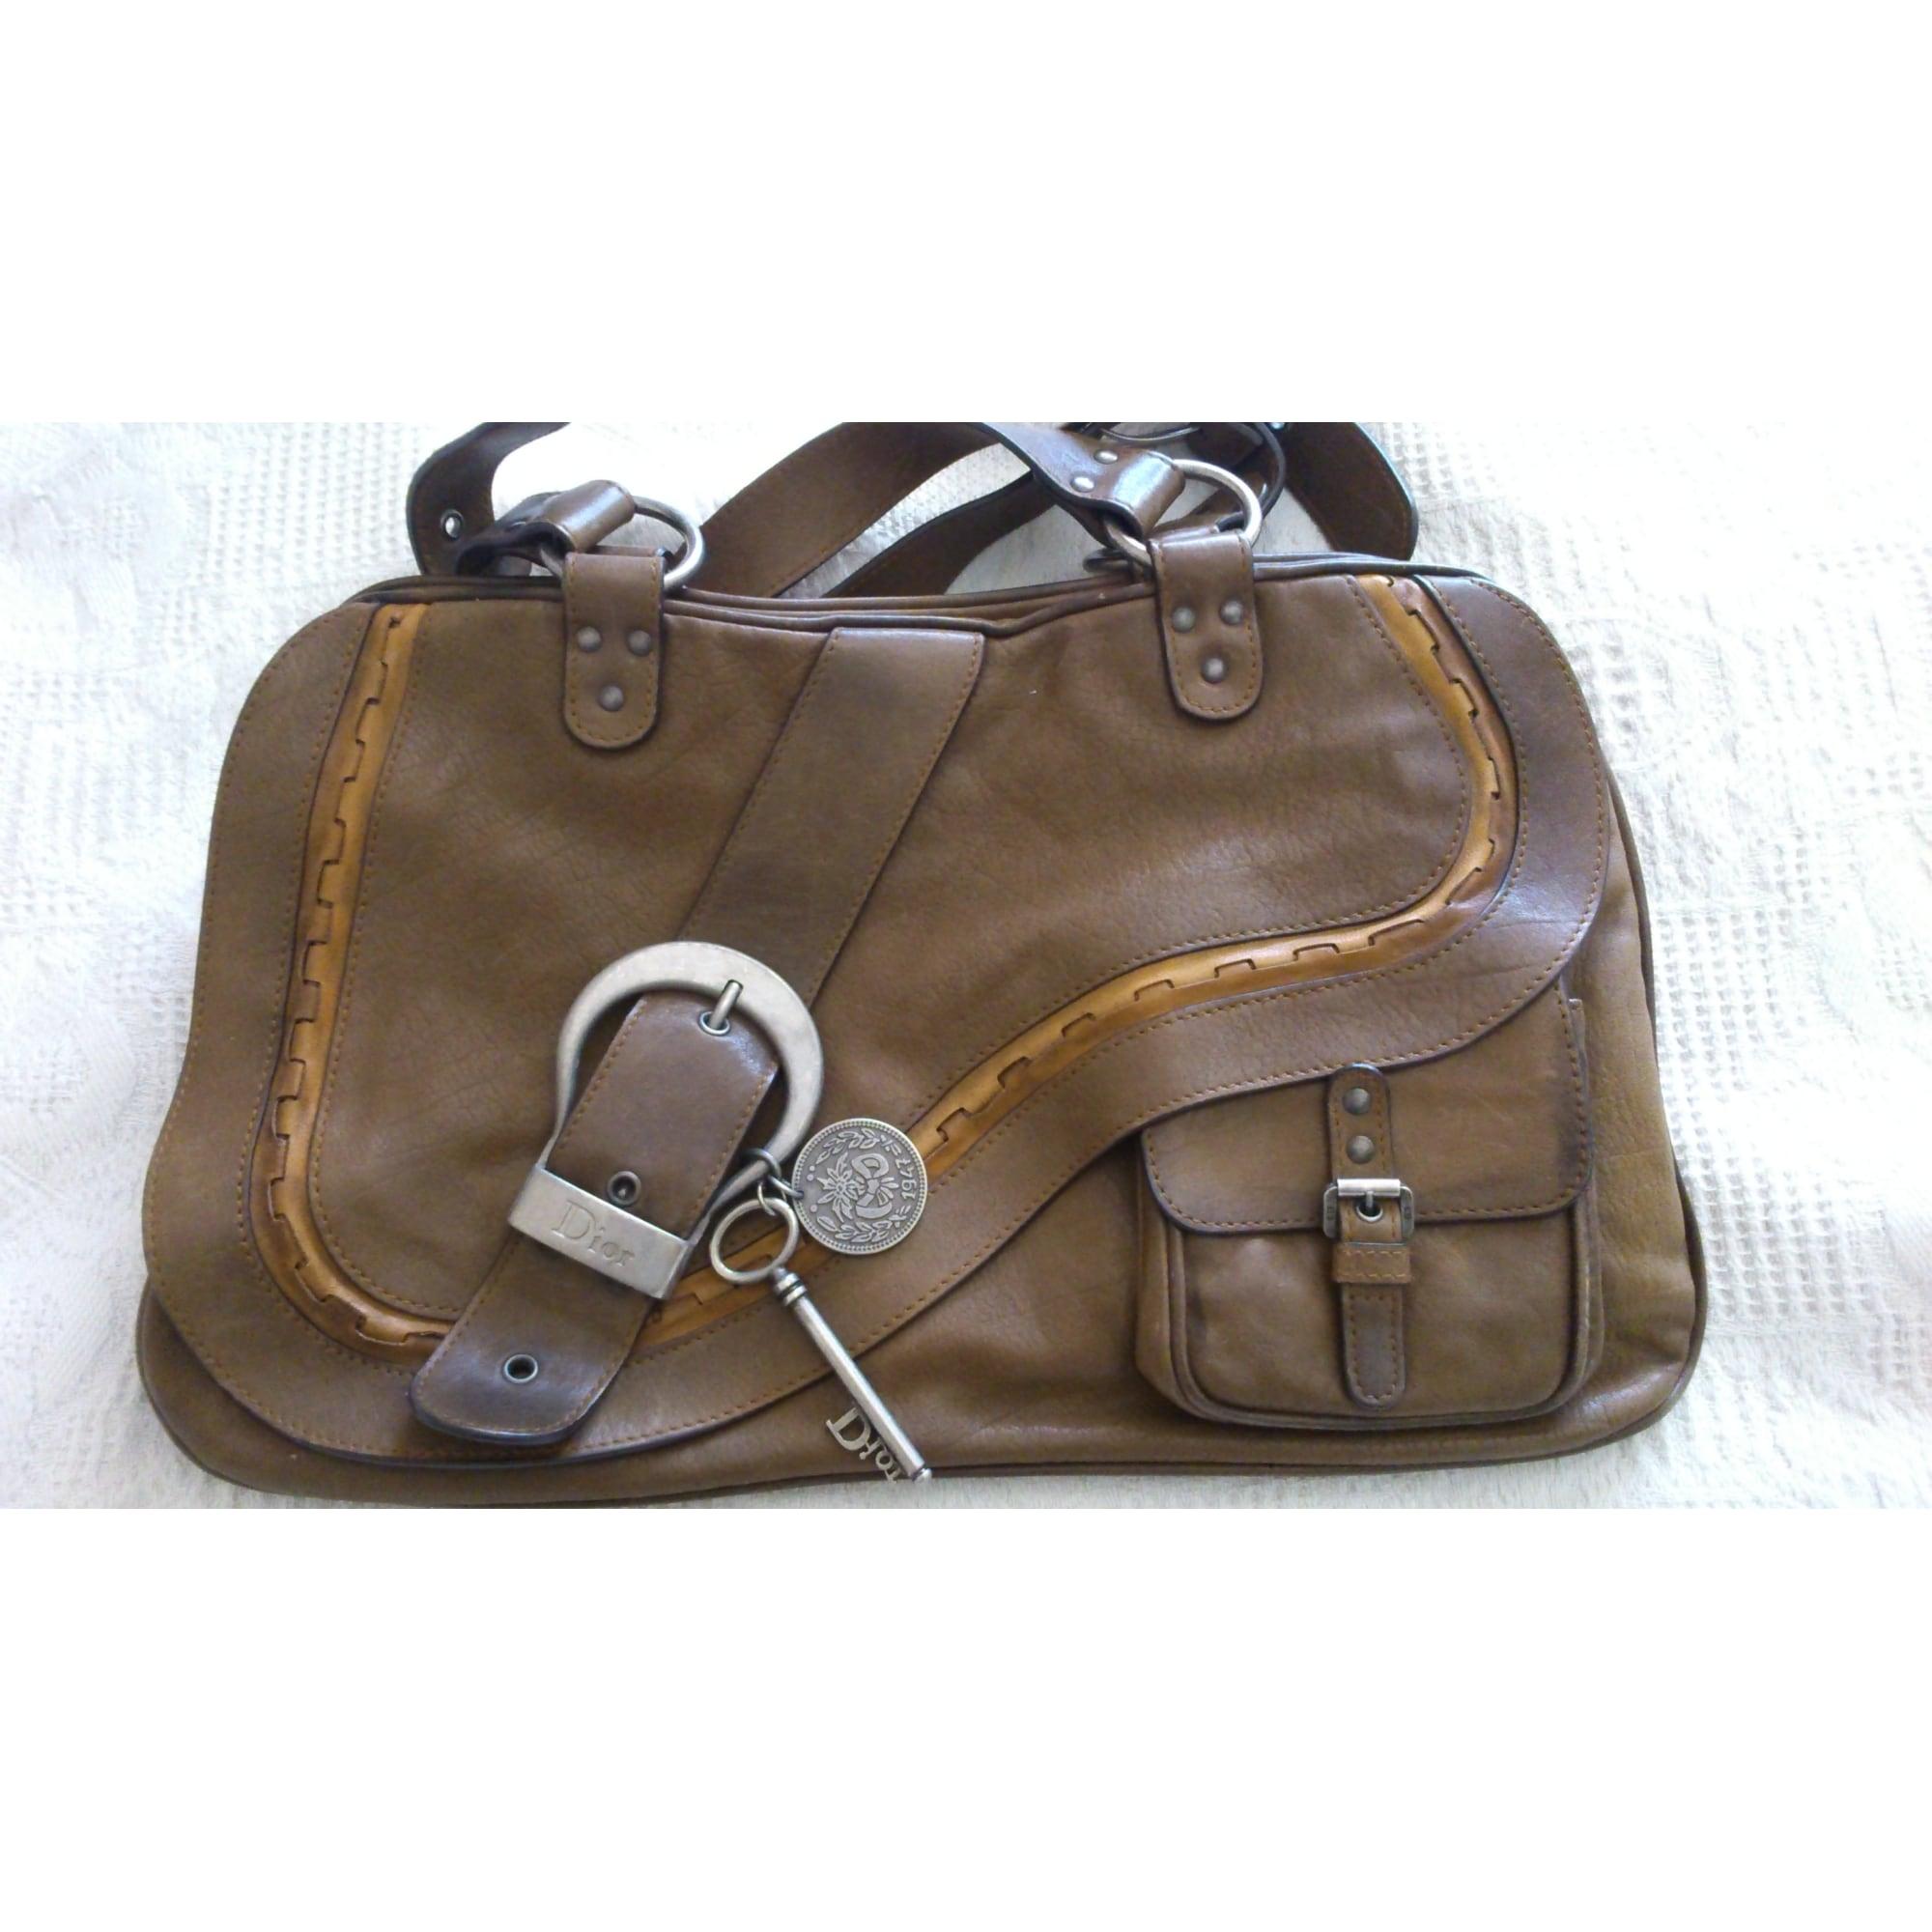 b6726729af Sac à main en cuir DIOR gaucho marron vendu par Catnat83 - 3666194